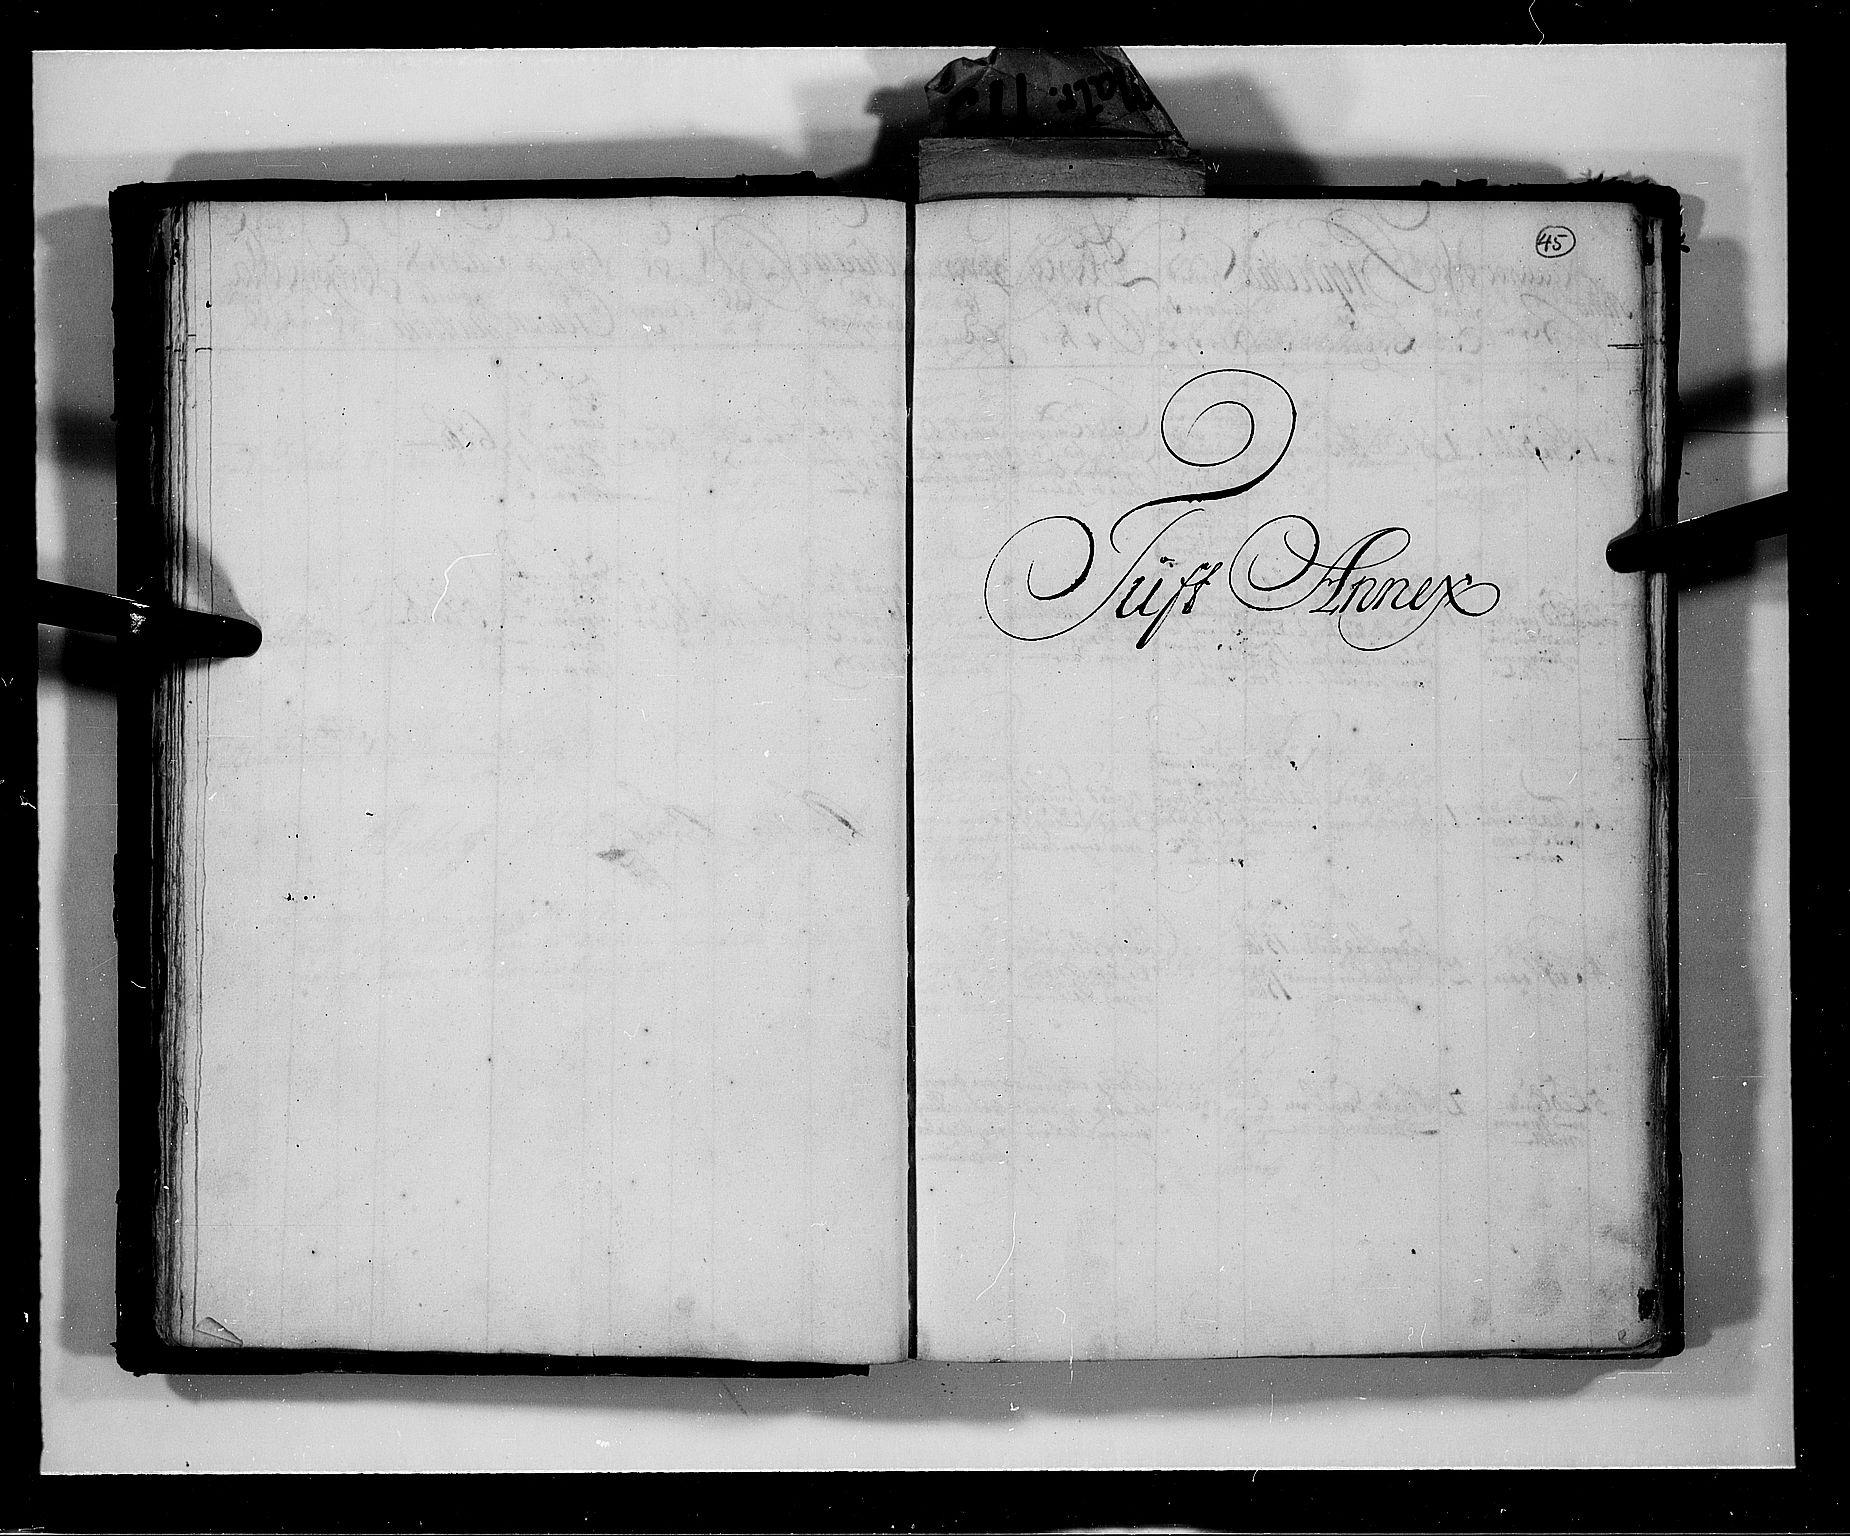 RA, Rentekammeret inntil 1814, Realistisk ordnet avdeling, N/Nb/Nbf/L0113: Numedal og Sandsvær eksaminasjonsprotokoll, 1723, s. 44b-45a